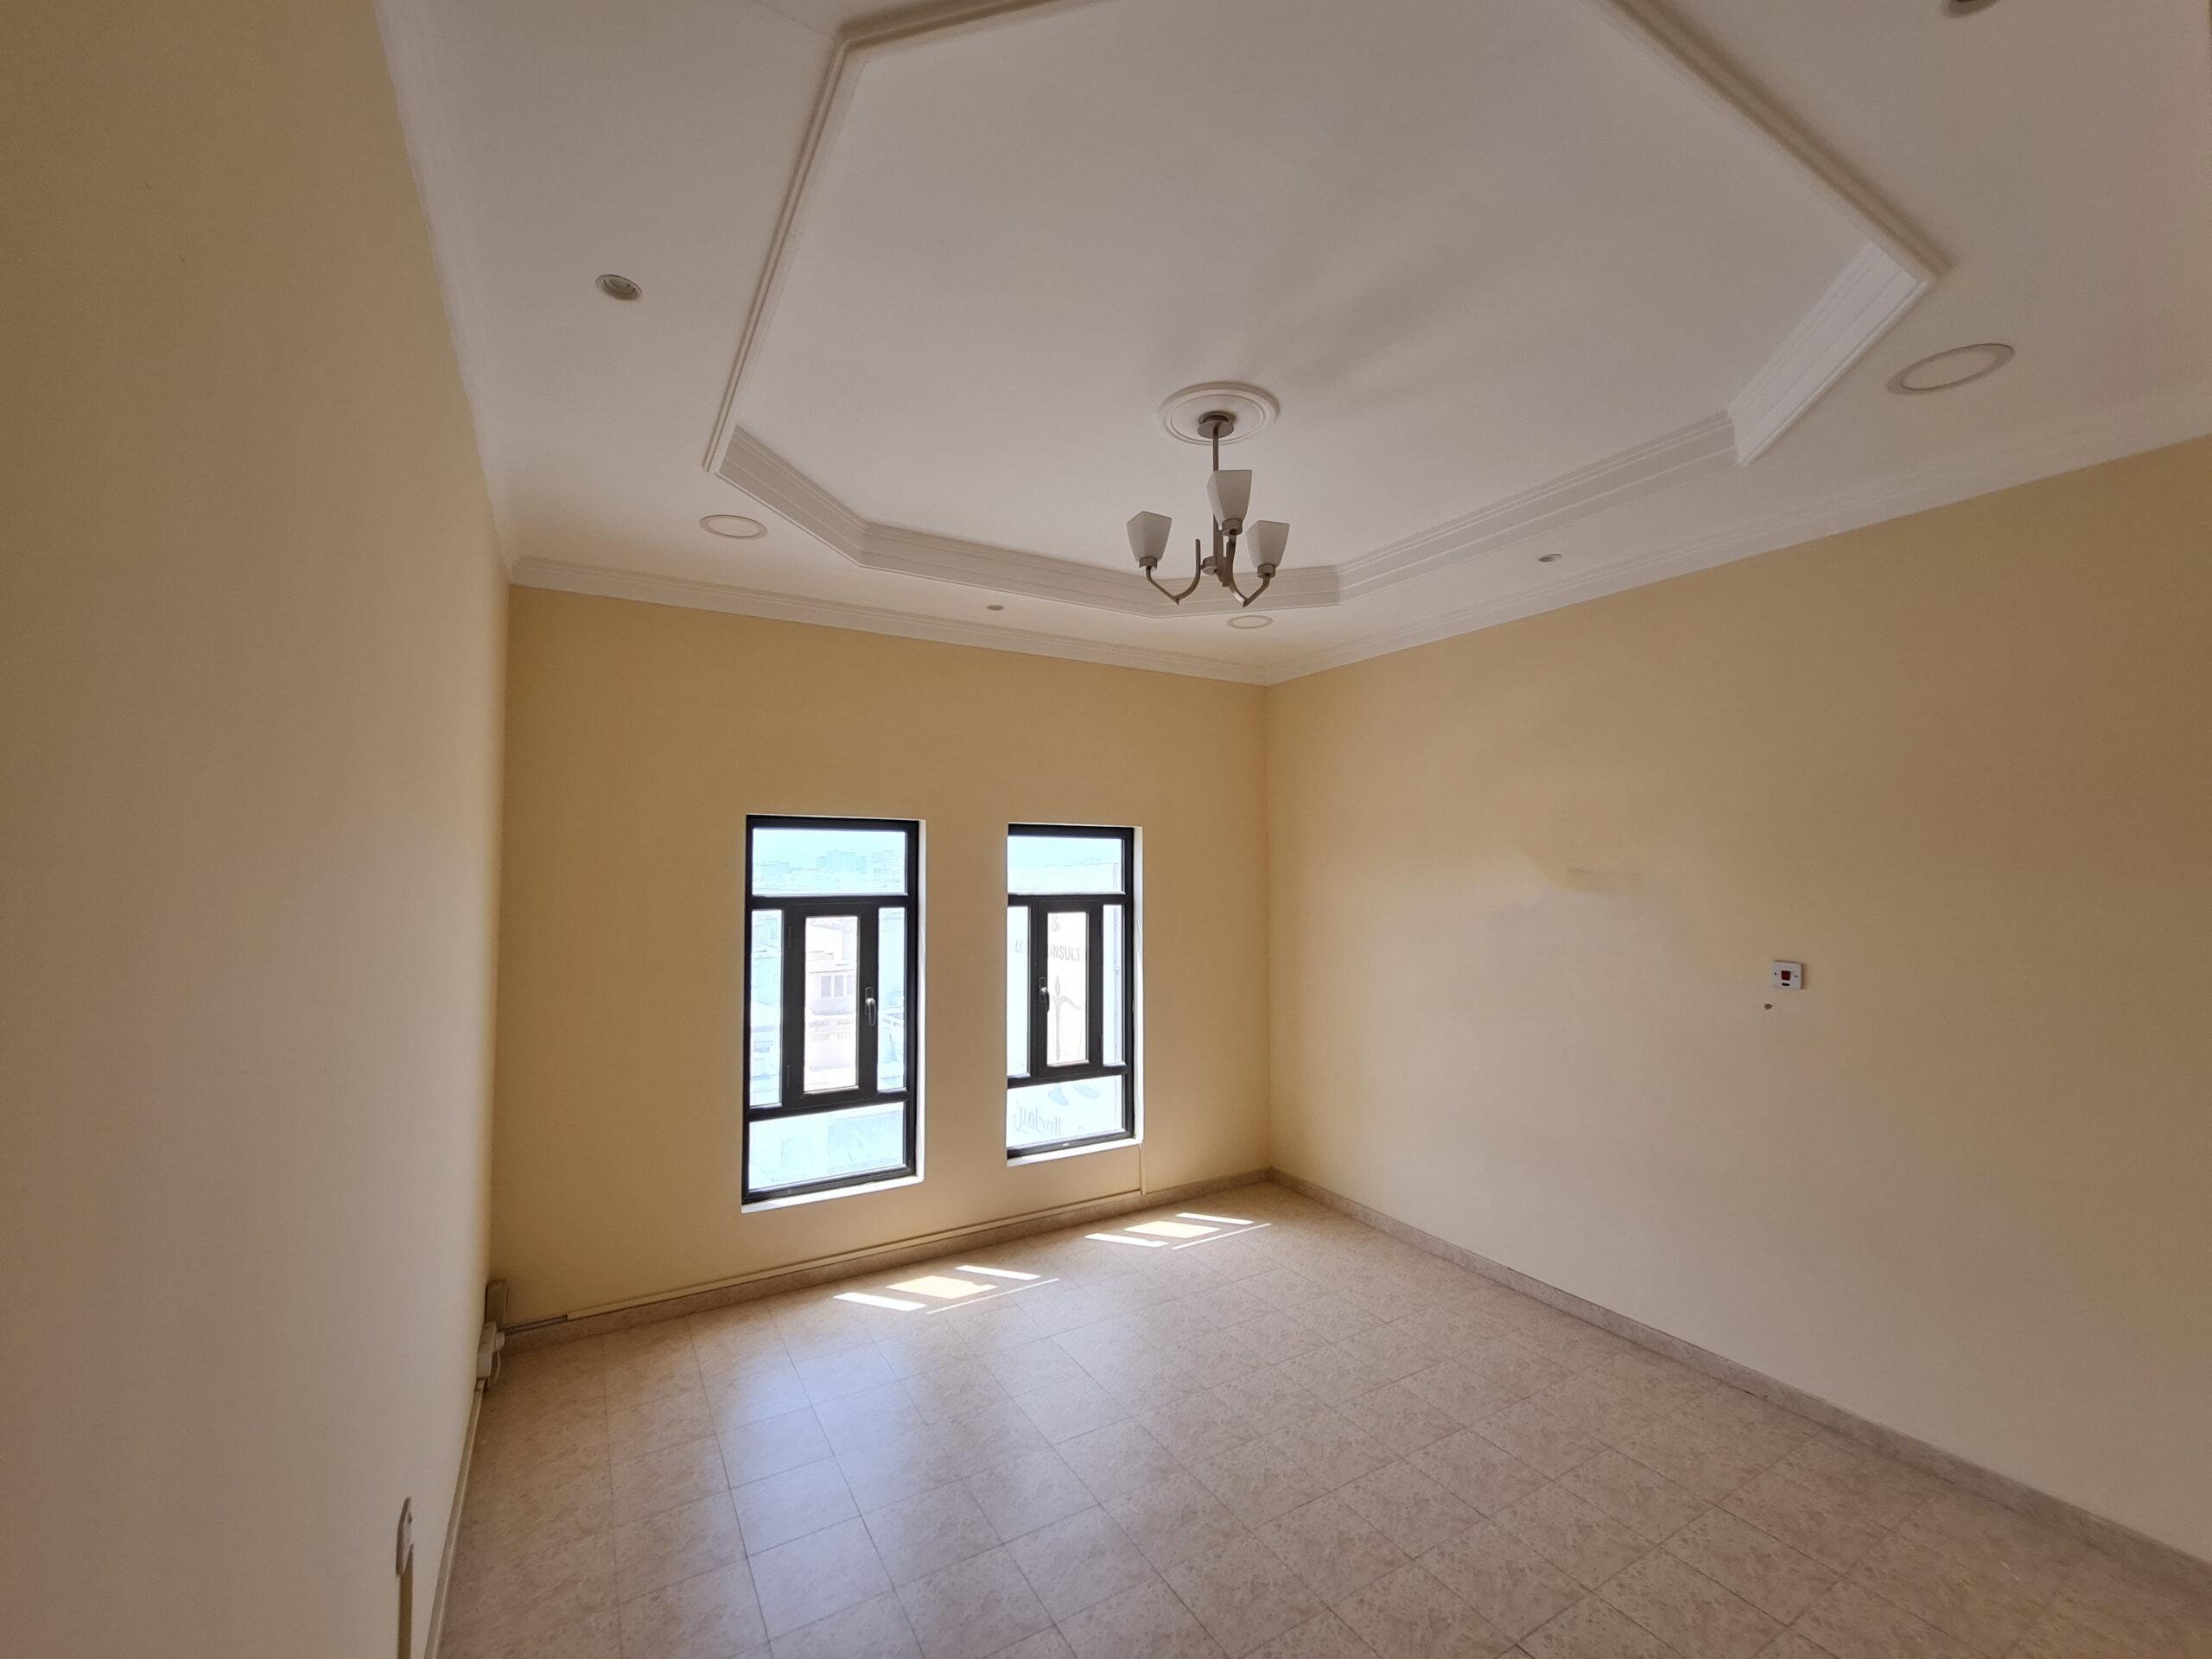 للإيجار مكتب تجاري واسع بمنطقة جرداب شارع 77، بمساحة 140.00 متر مربع تقريباً، سعر الإيجار -/ 250 بالشهر